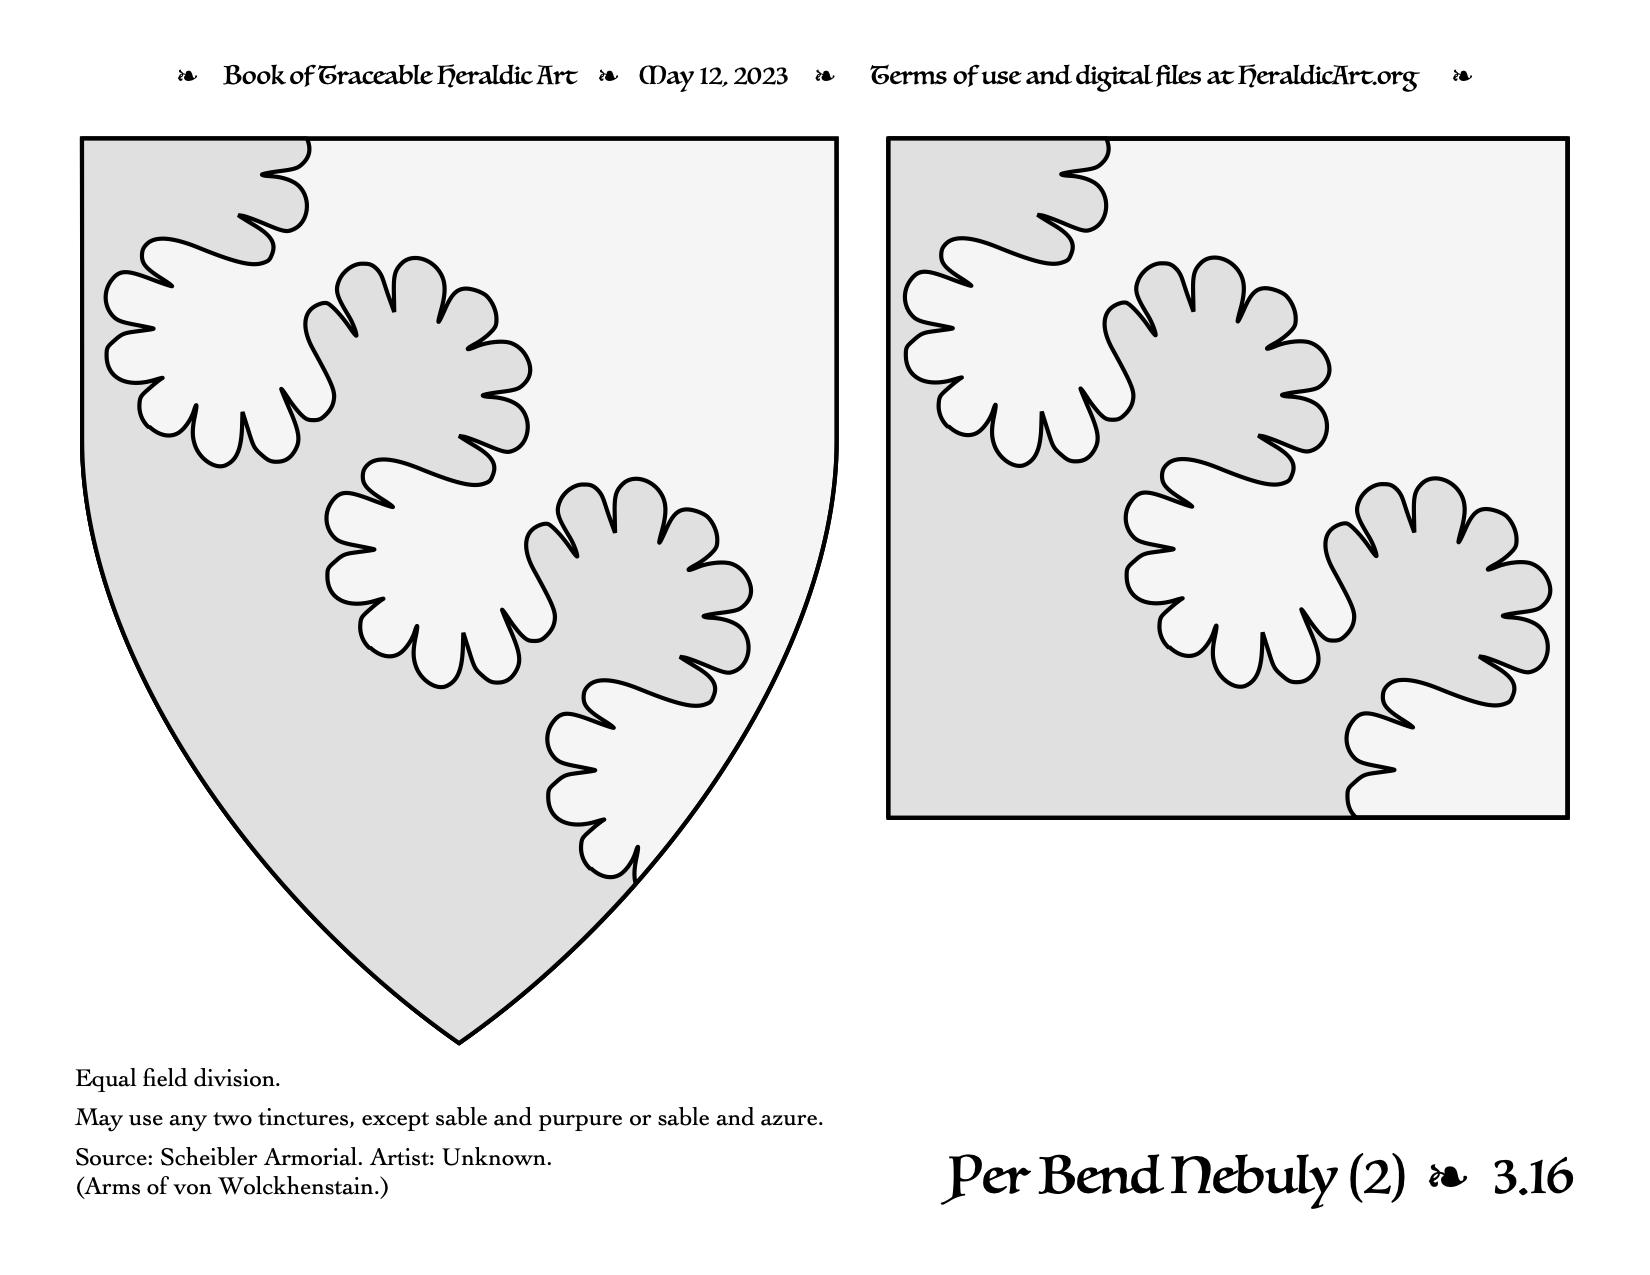 Per Bend